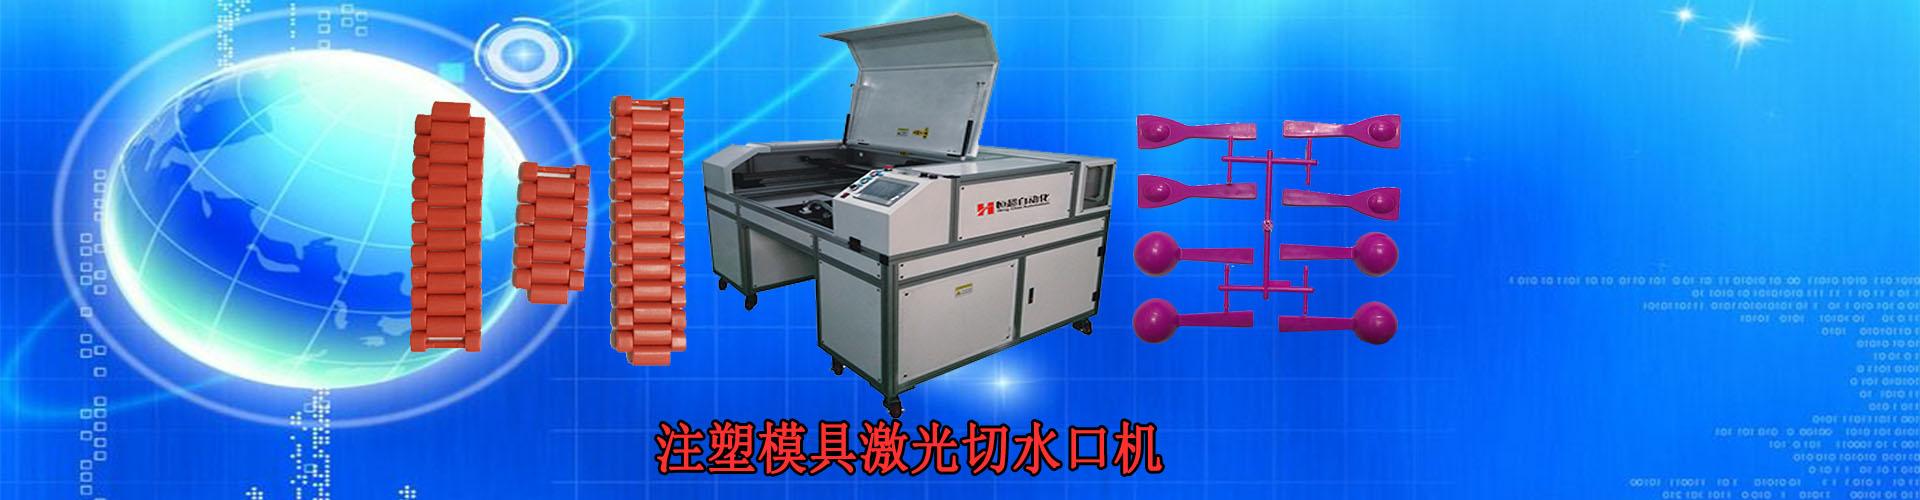 激光切割机